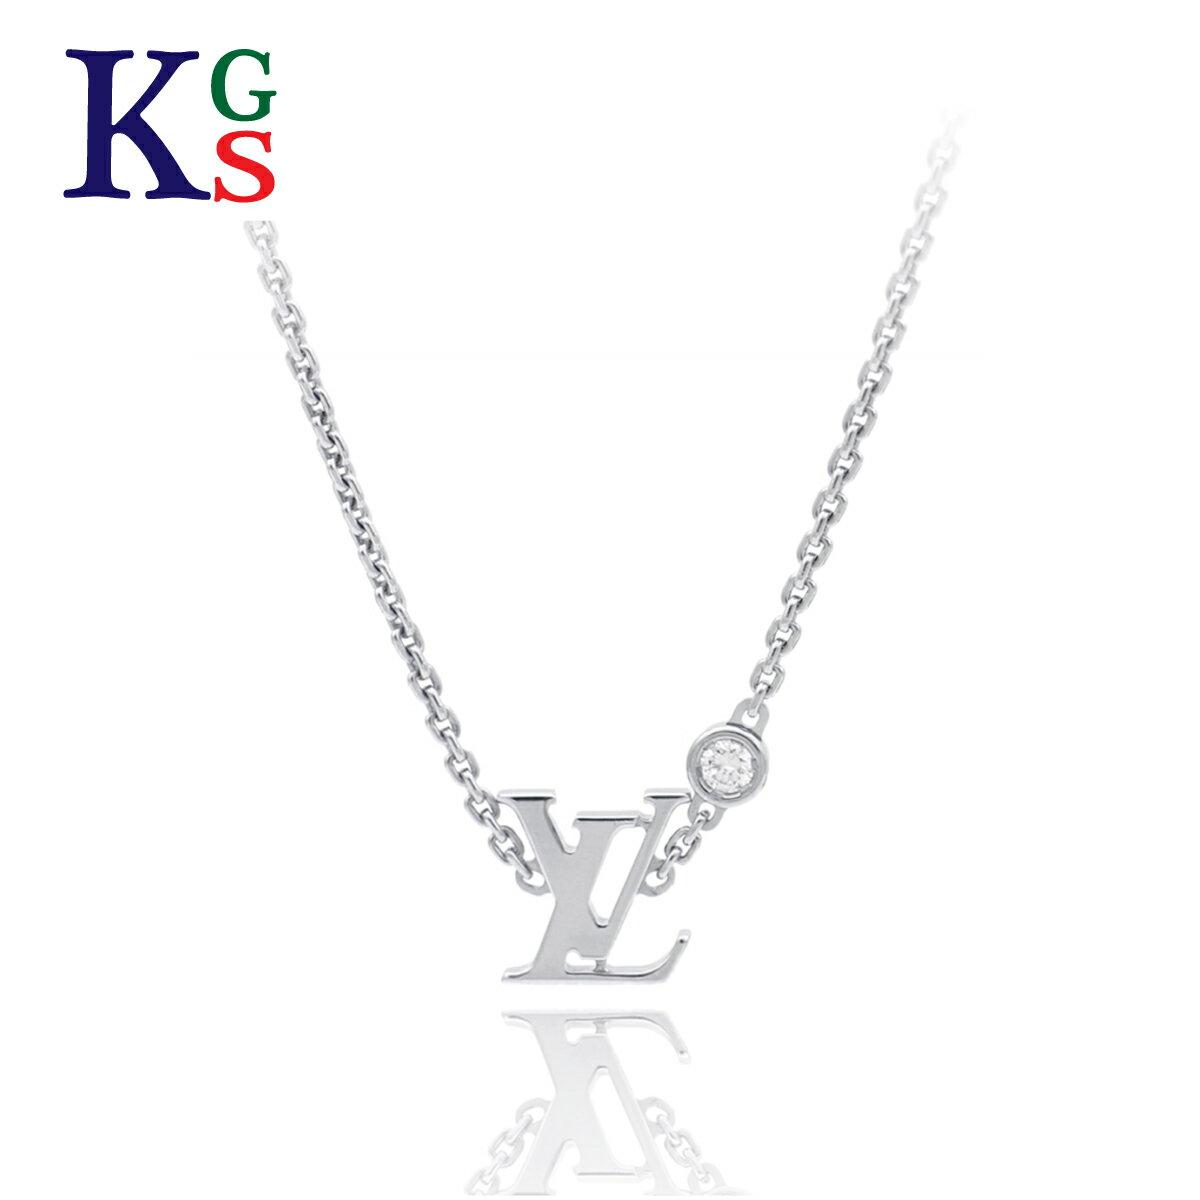 レディースジュエリー・アクセサリー, ネックレス・ペンダント Louis Vuitton 1P K18WG Q93653